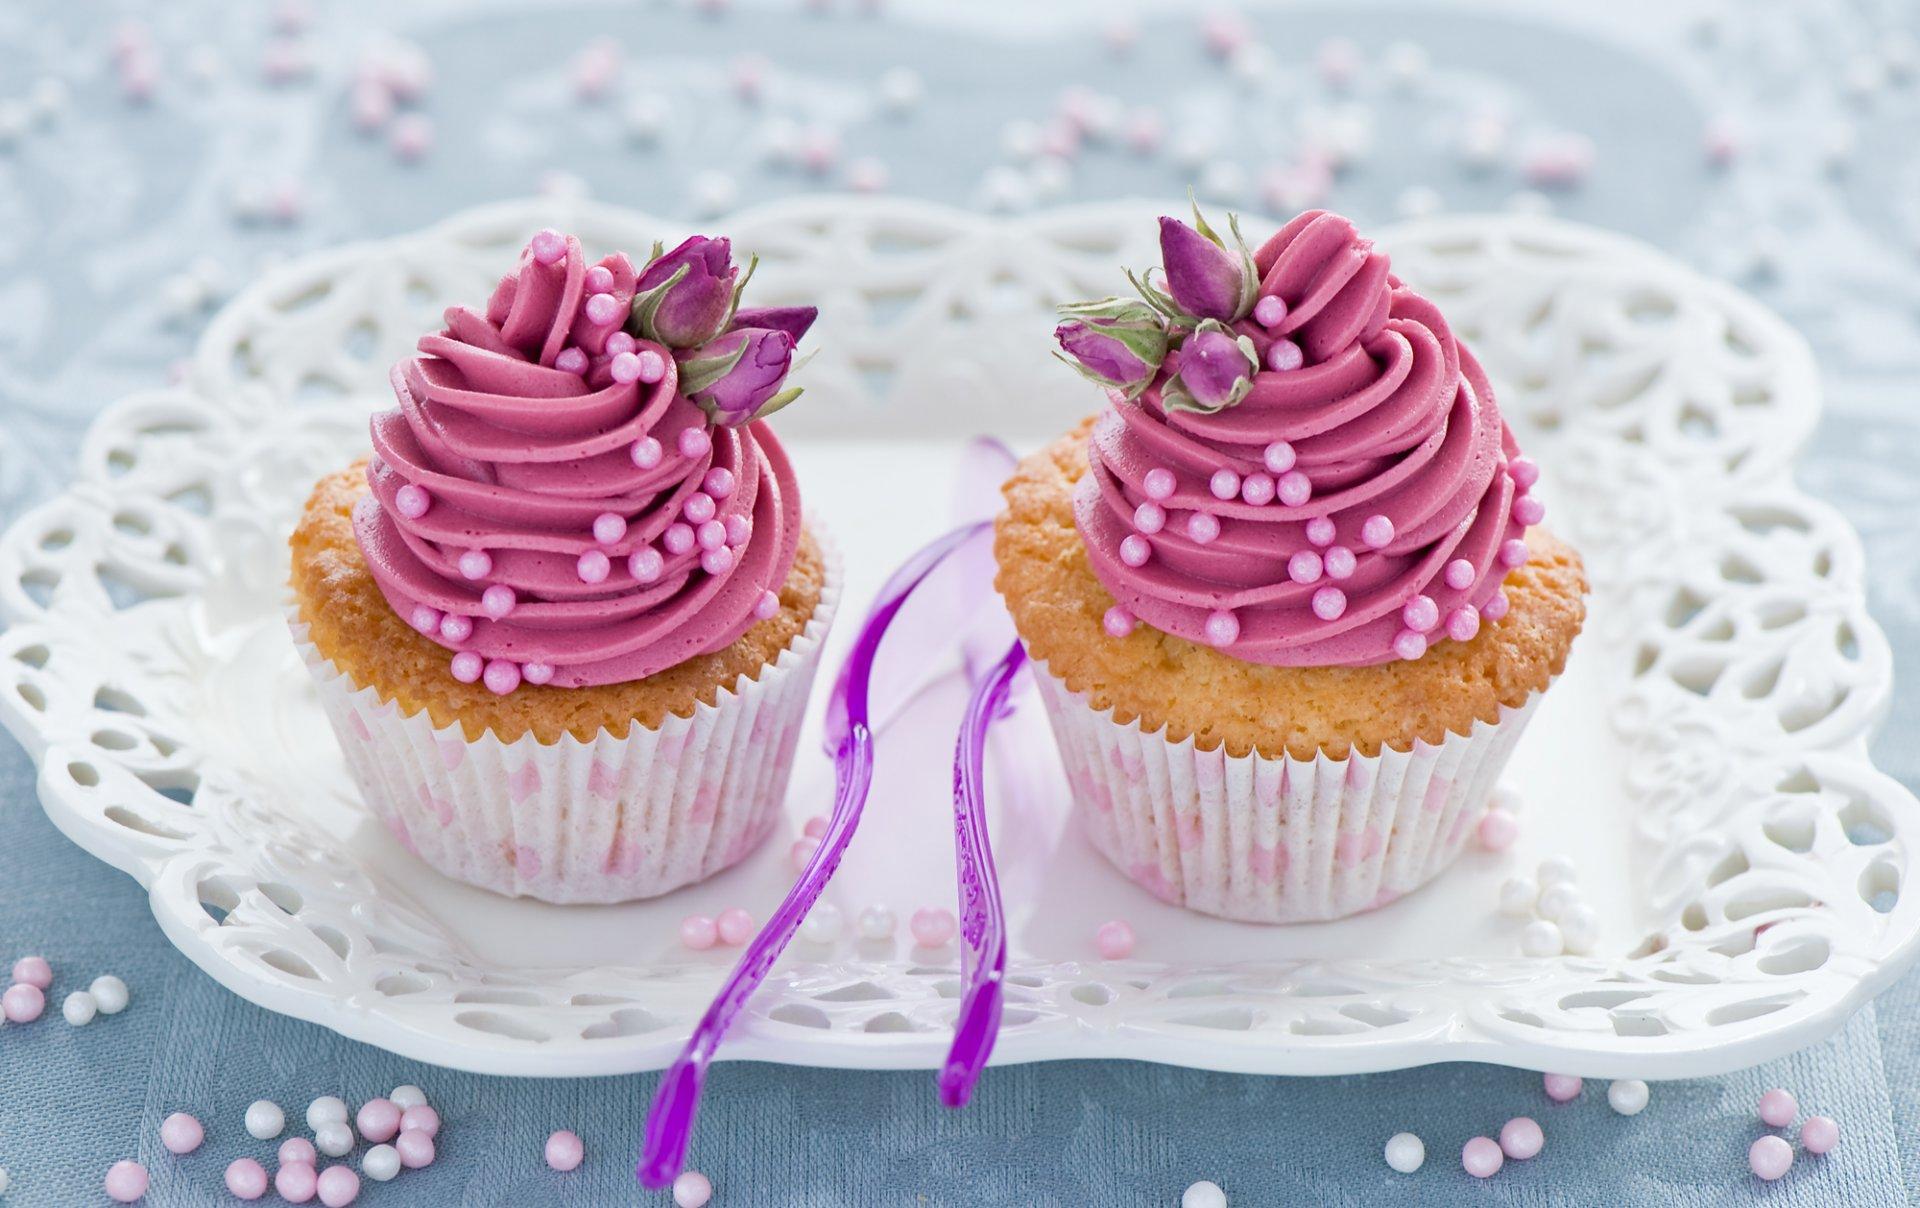 пирожное фото красивые на праздник